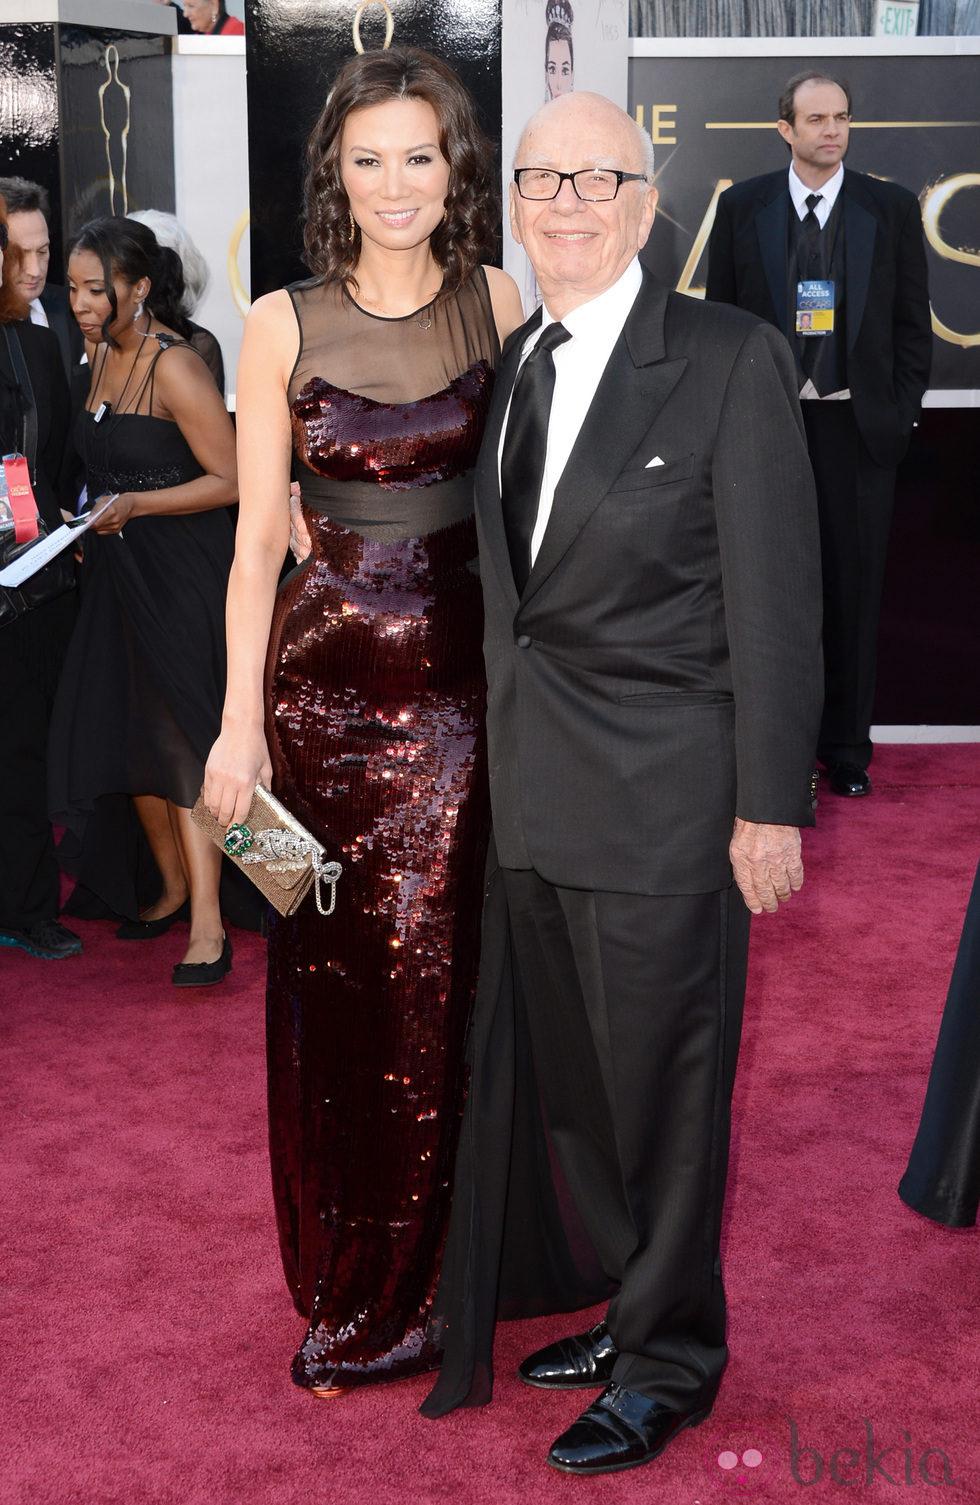 Rupert Murdoch en los Oscar 2013